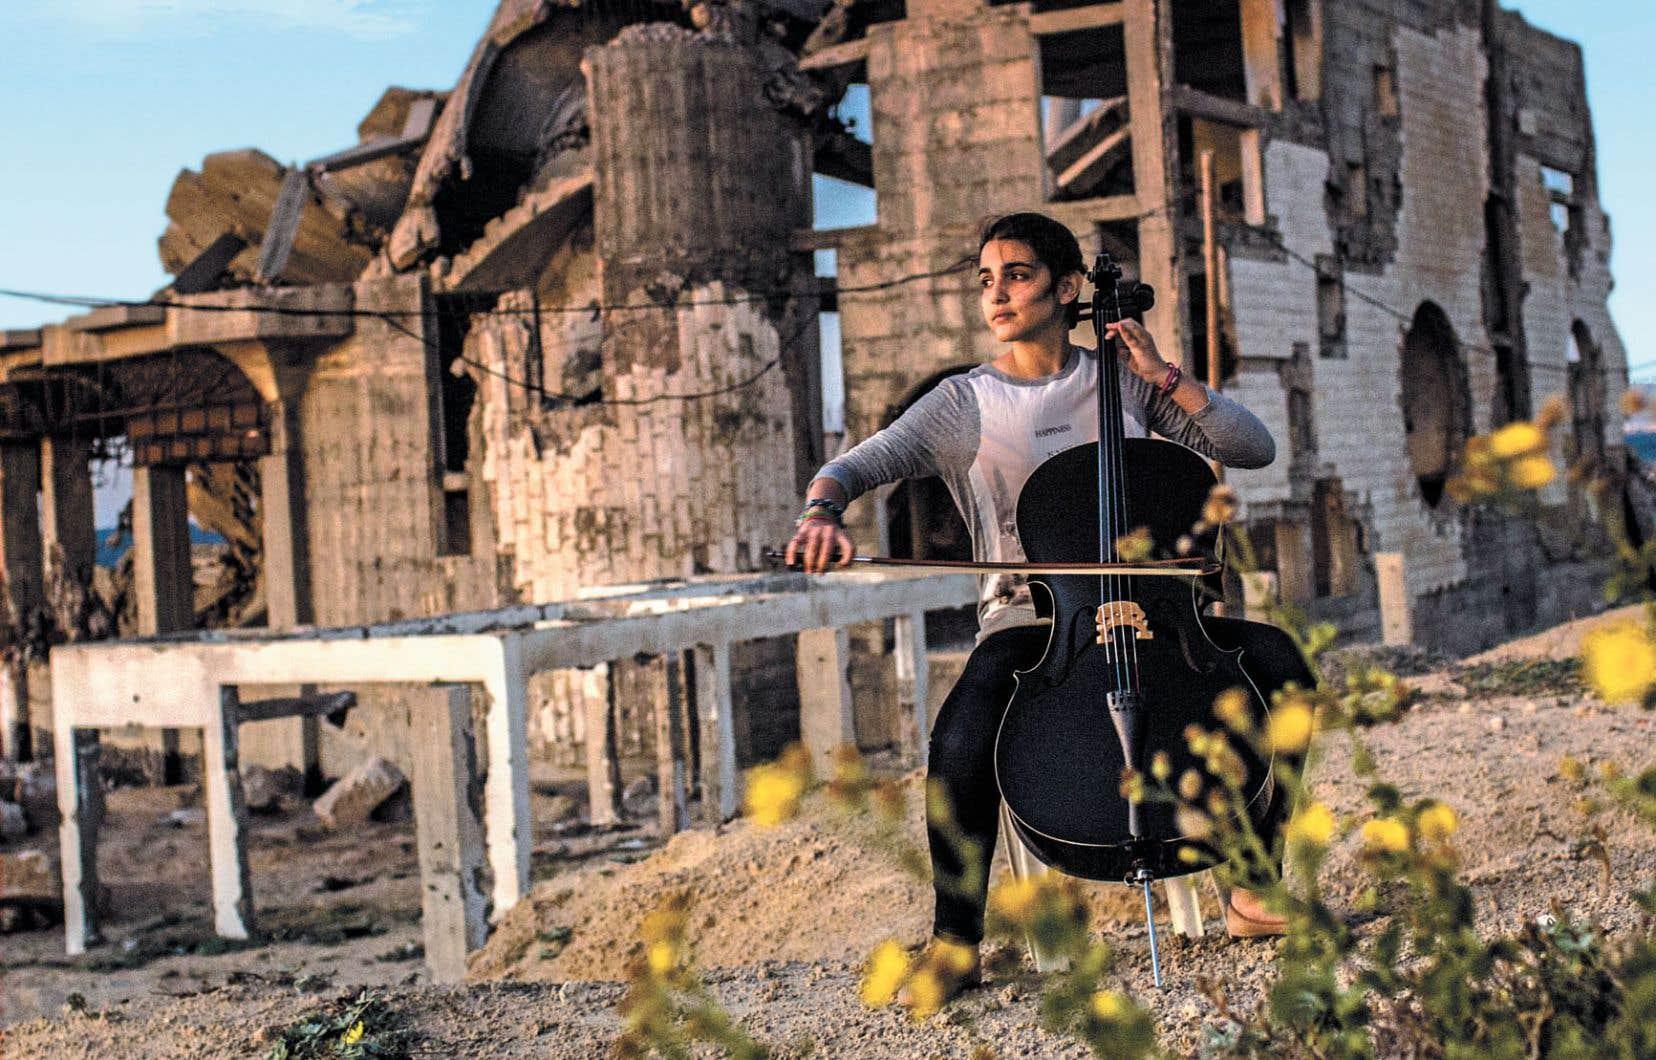 Les cinéastes irlandais Garry Keane et Andrew McConnell ont voulu faire triompher la beauté dans leur documentaire «Gaza».